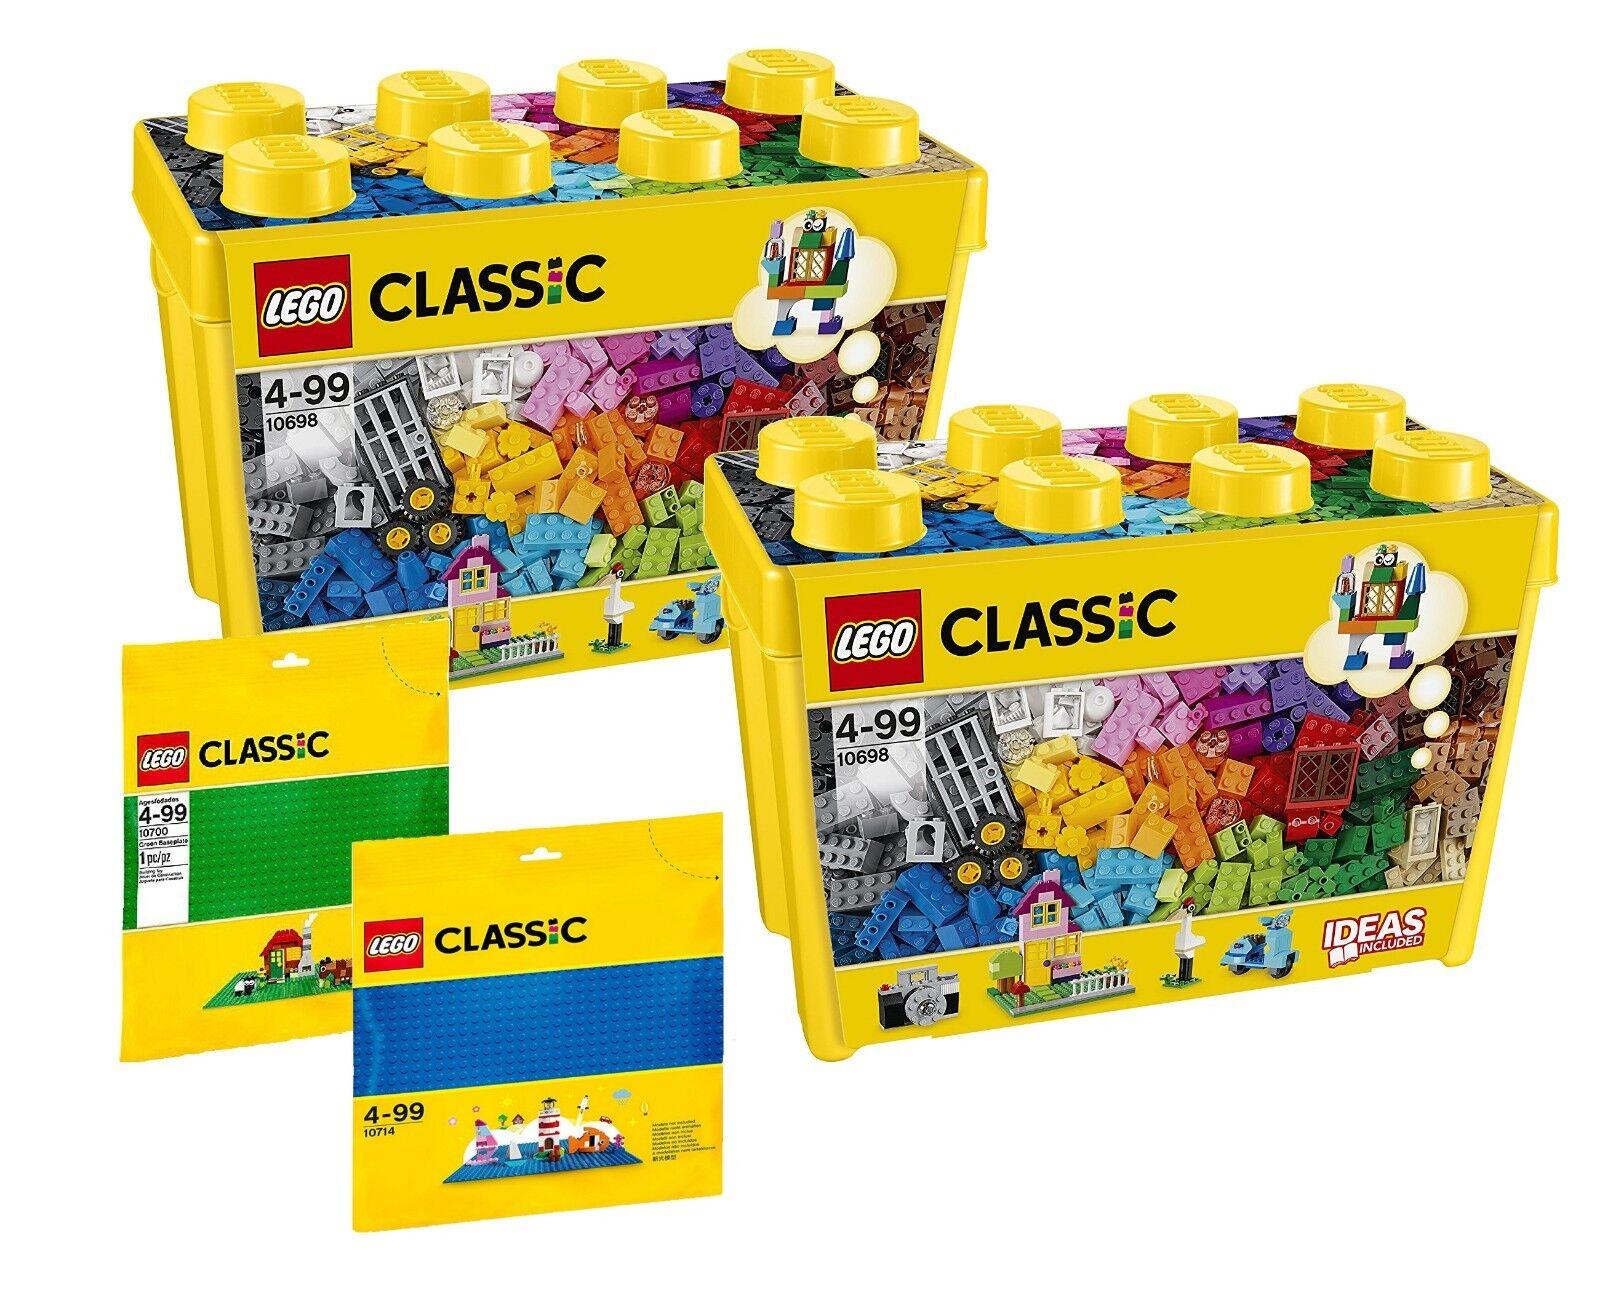 più preferenziale LEGO LEGO LEGO ® super-set  2 x 10698 bausteinescatola + 10700 + 10714 bauplatte verde e blu  prezzi più bassi